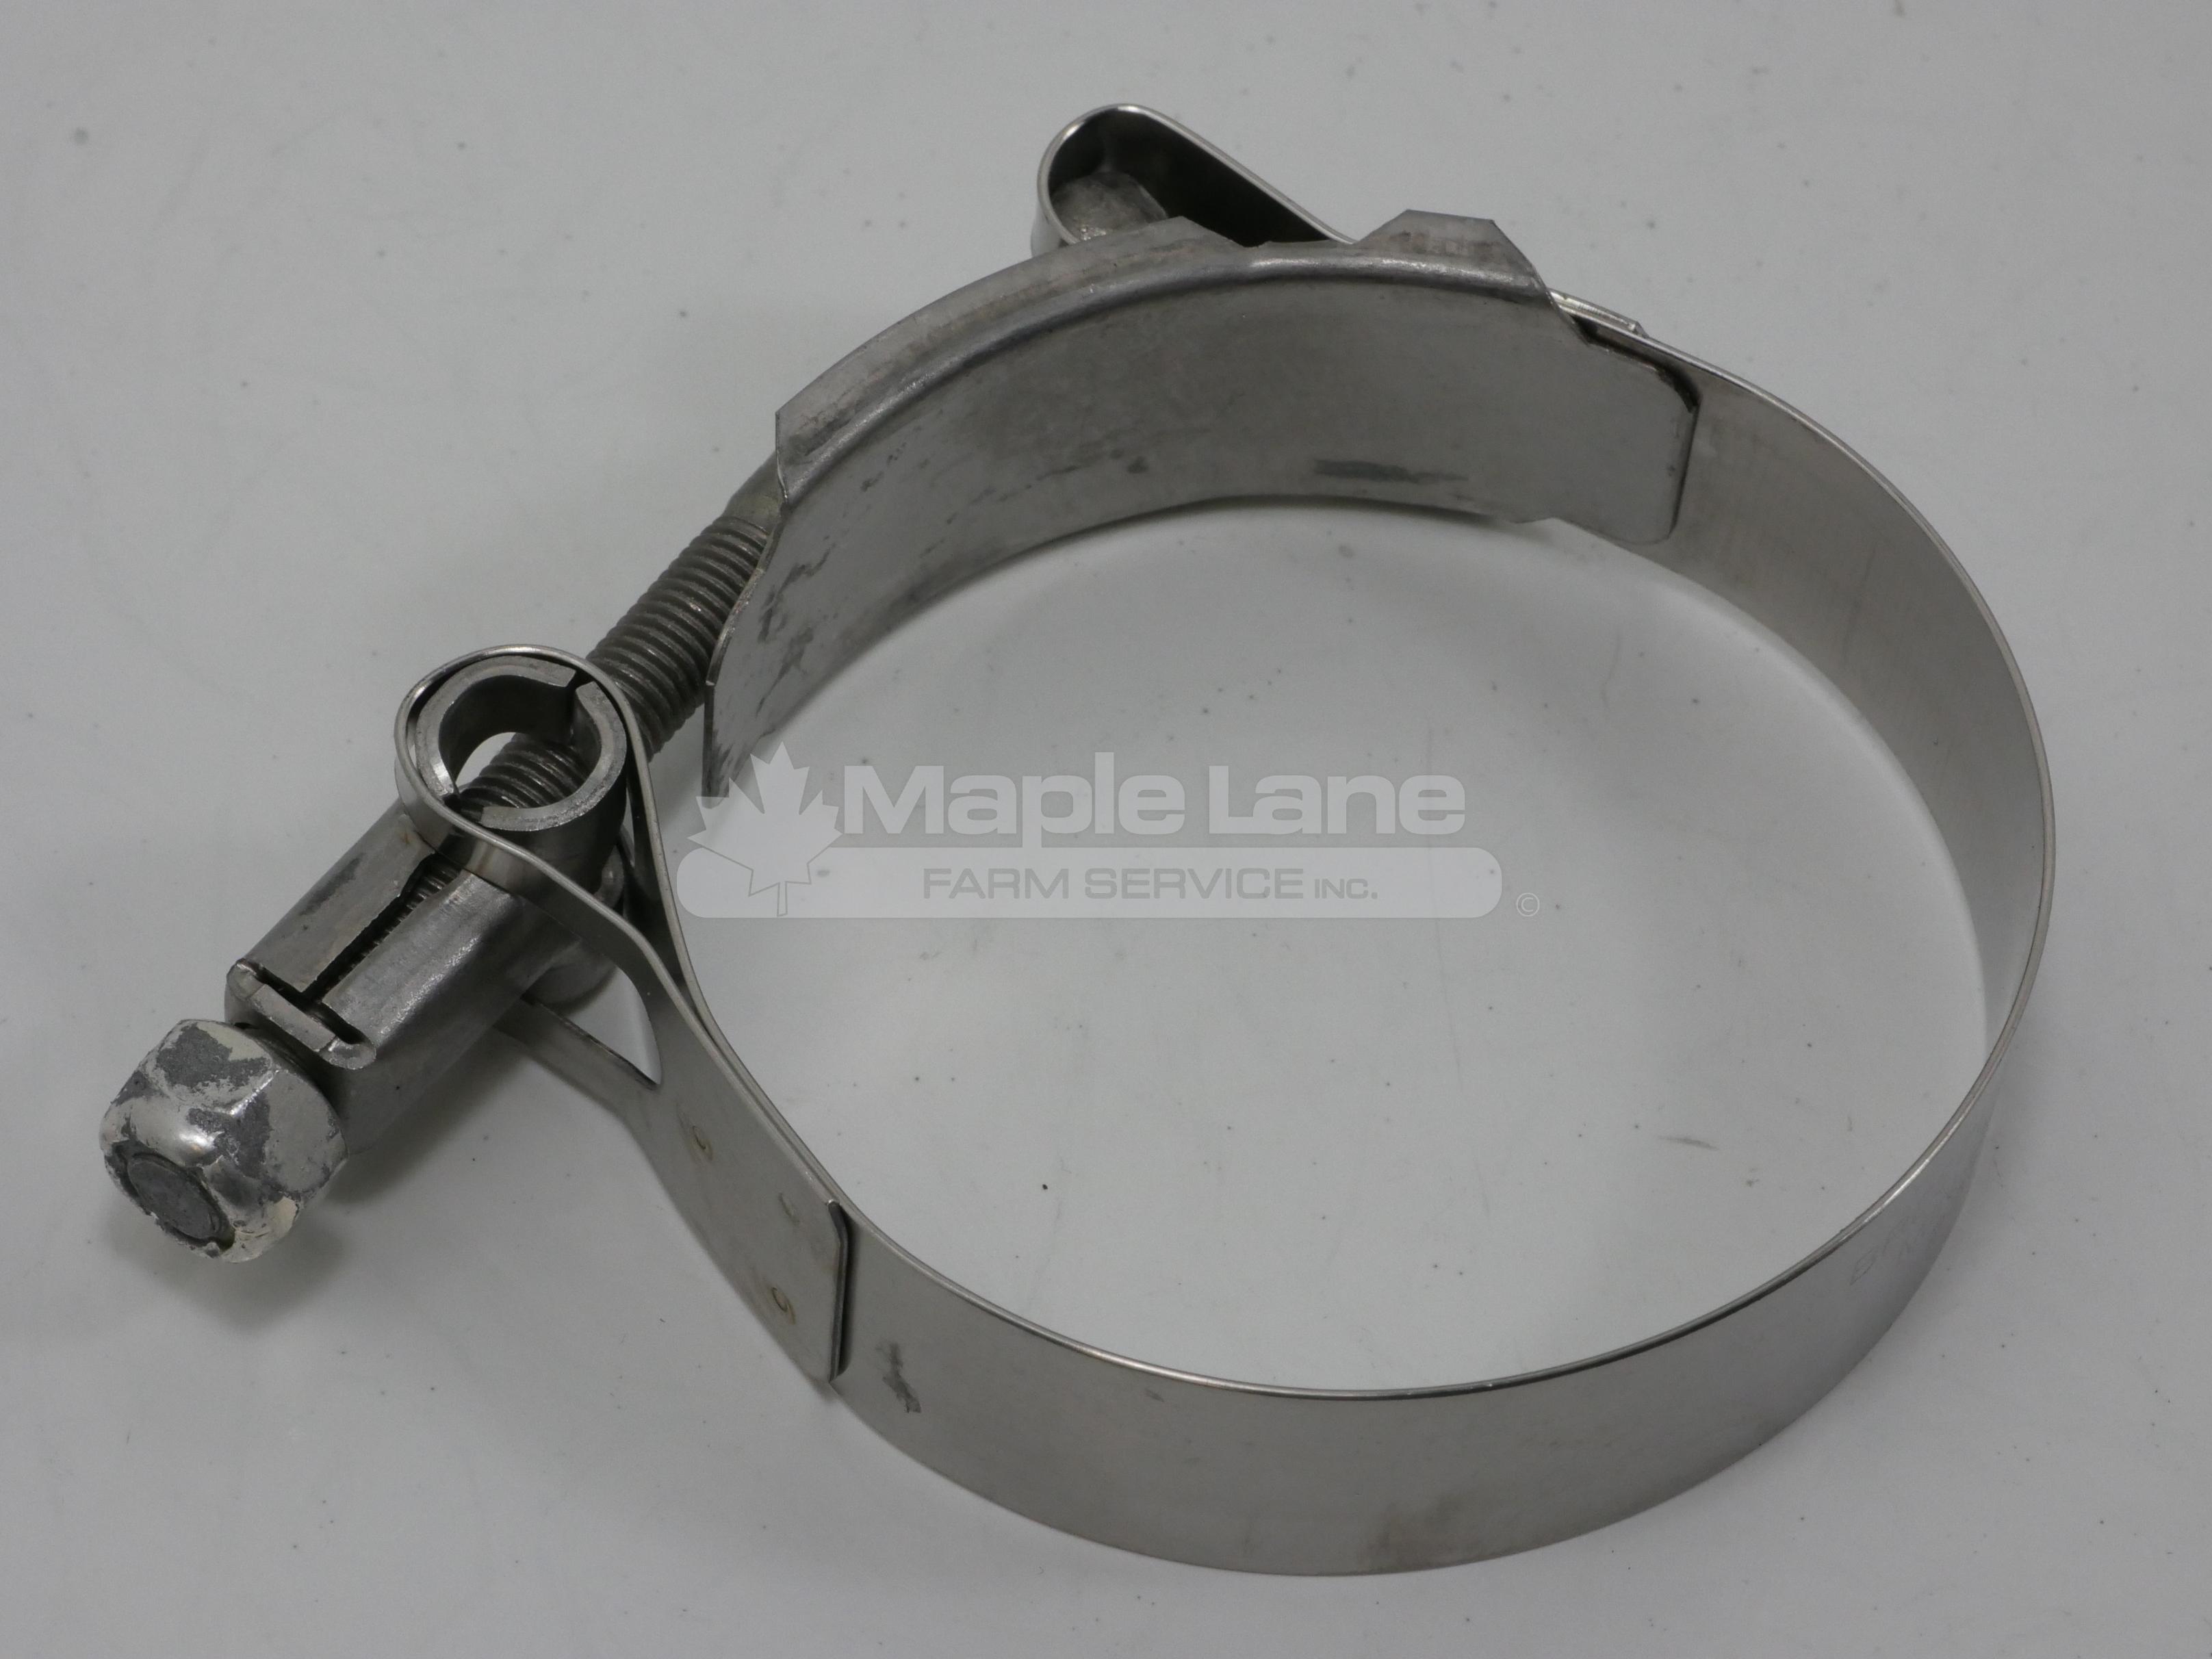 AG561630 Hose Clamp